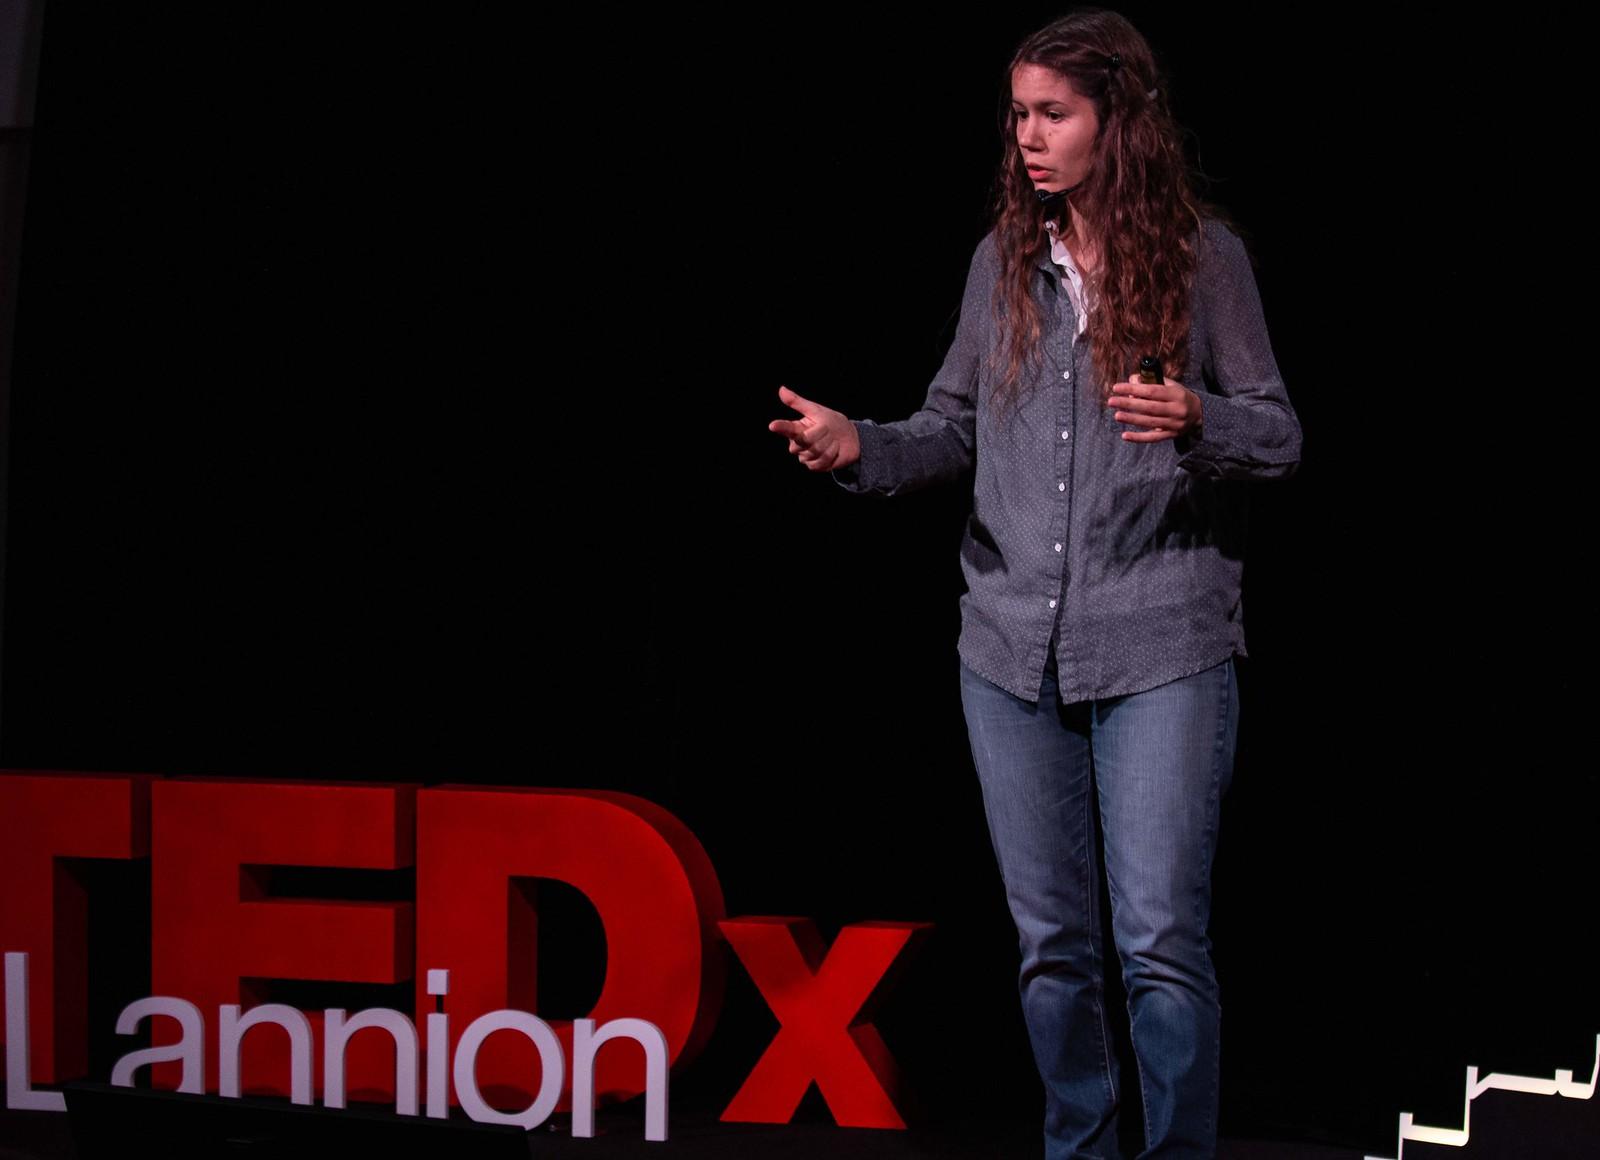 TEDxLannion-2018-52